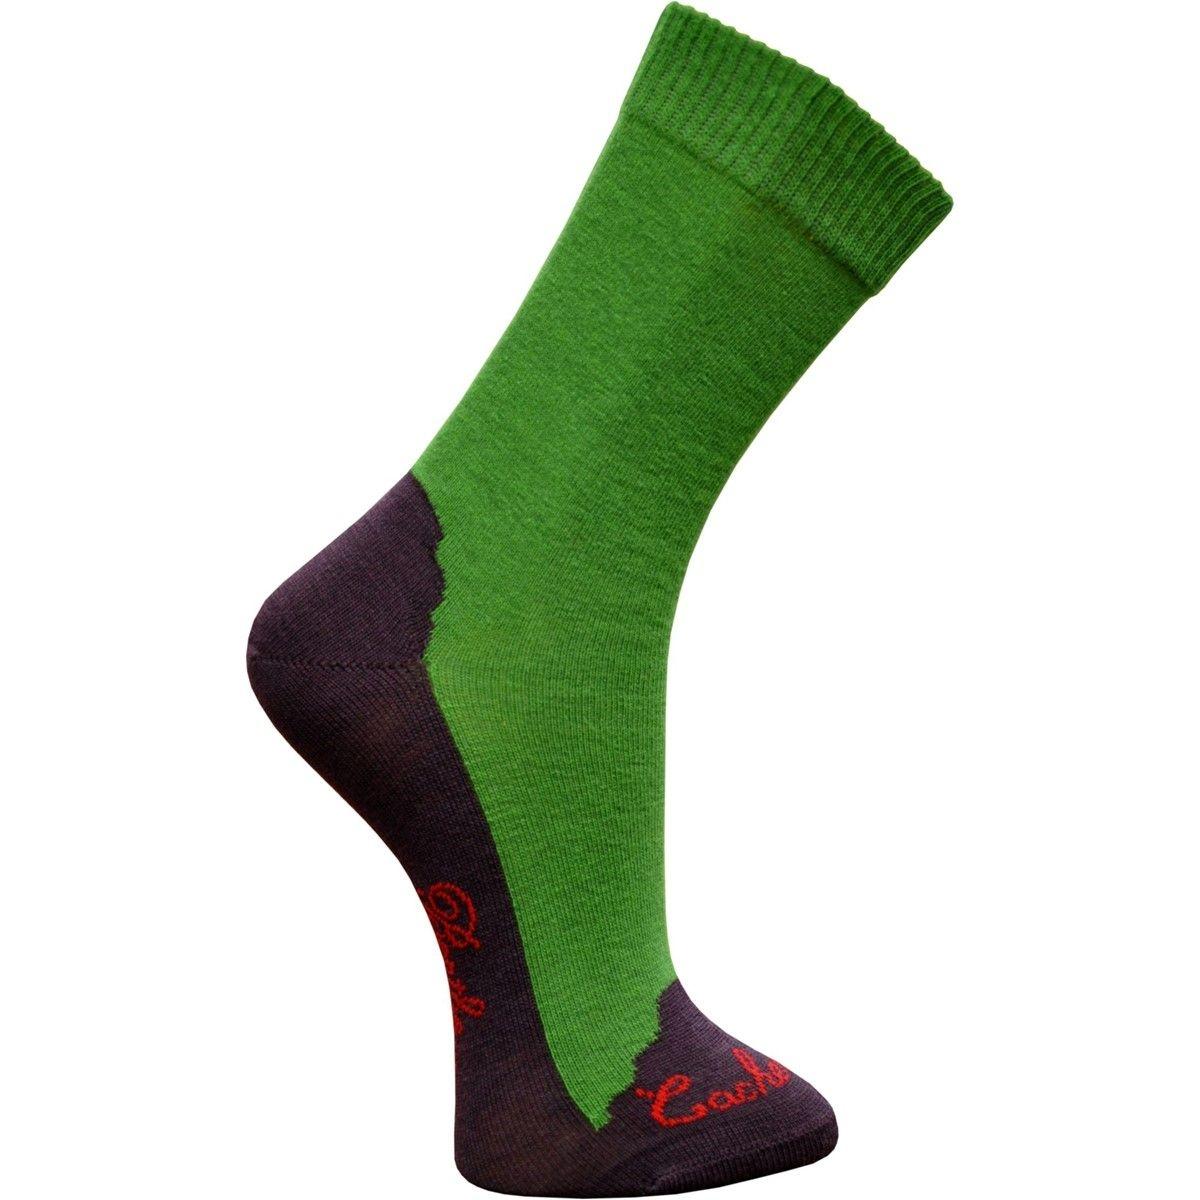 Chaussettes cachemire vert